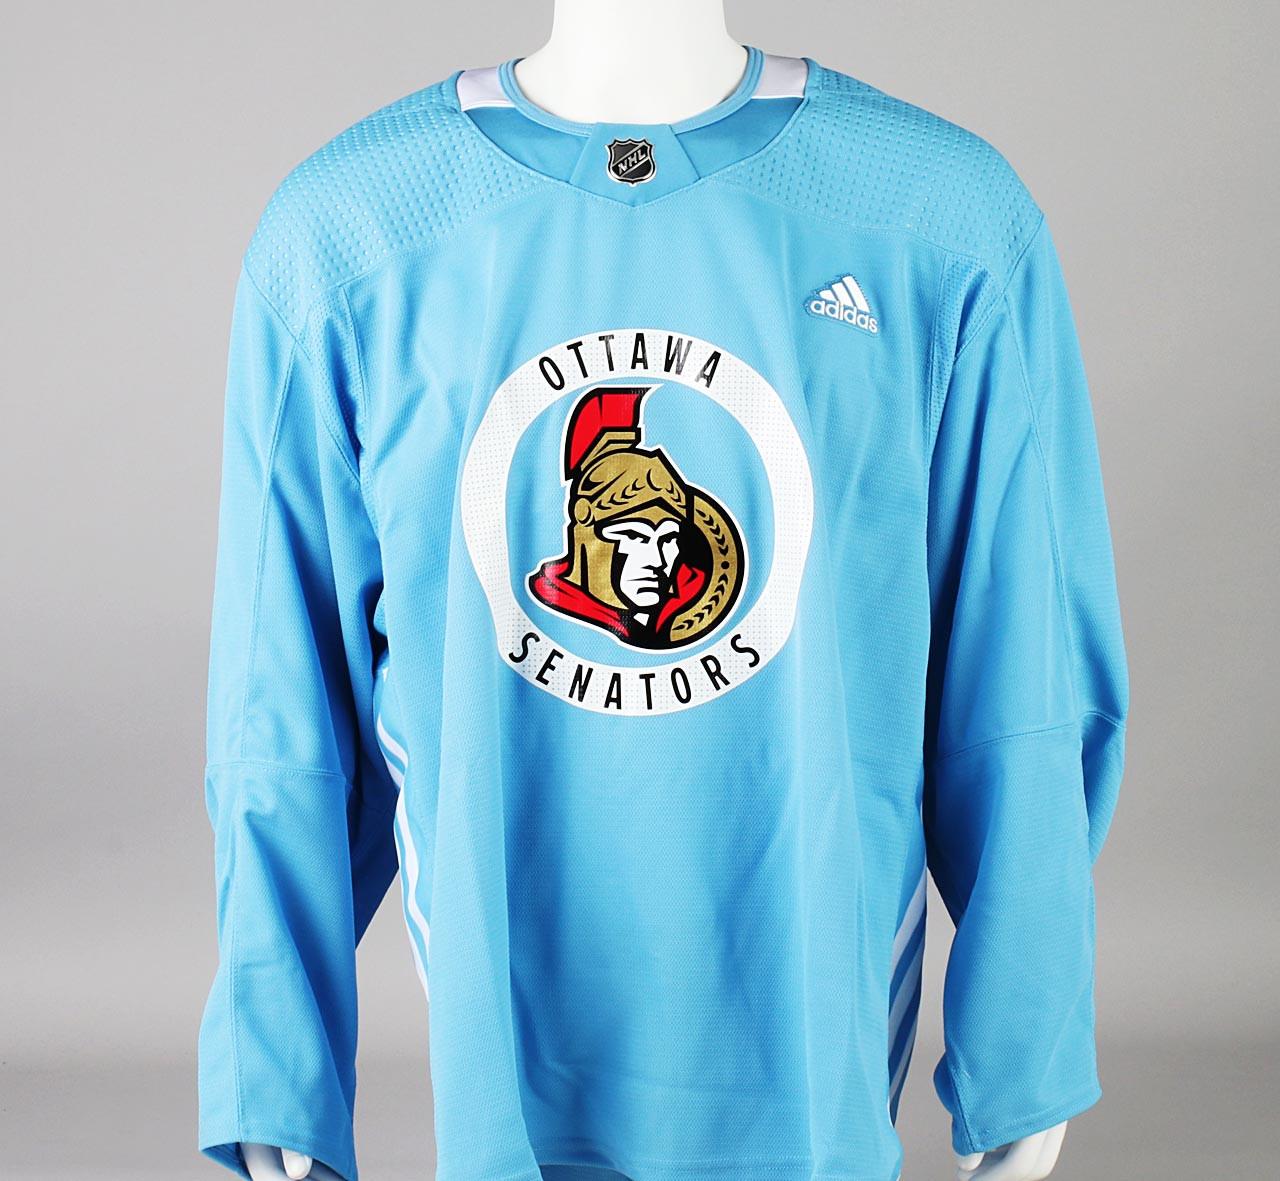 Practice Jersey - Ottawa Senators - Baby Blue Adidas Size 58 - Pro ...